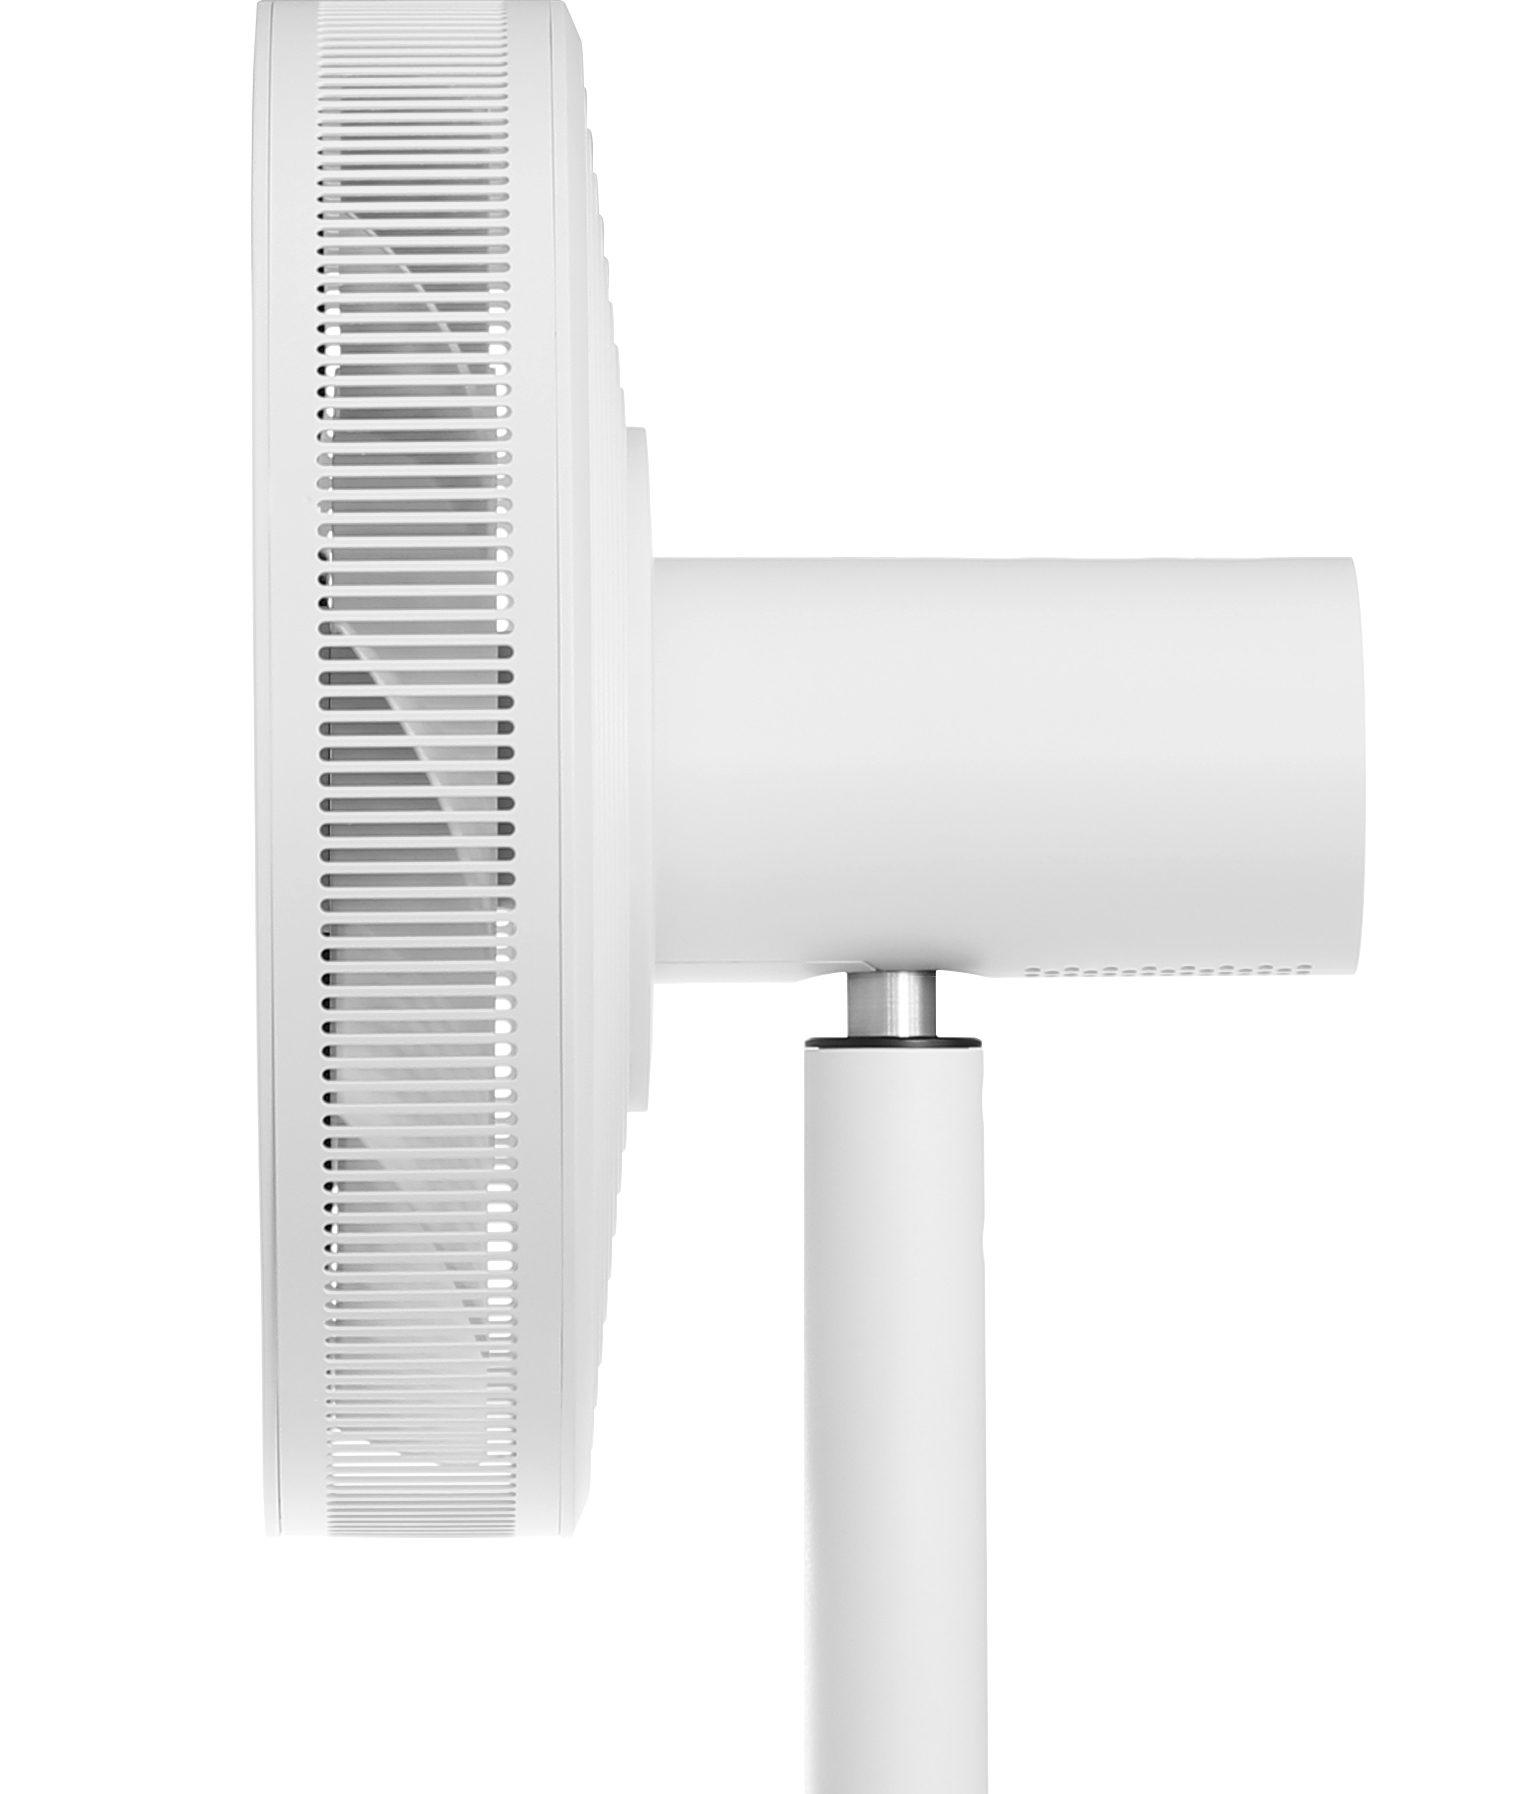 Minimalistisches Design: Nicht am Balmuda Green Fan bedarf einer Erläuterung, alles erklärt sich von selbst